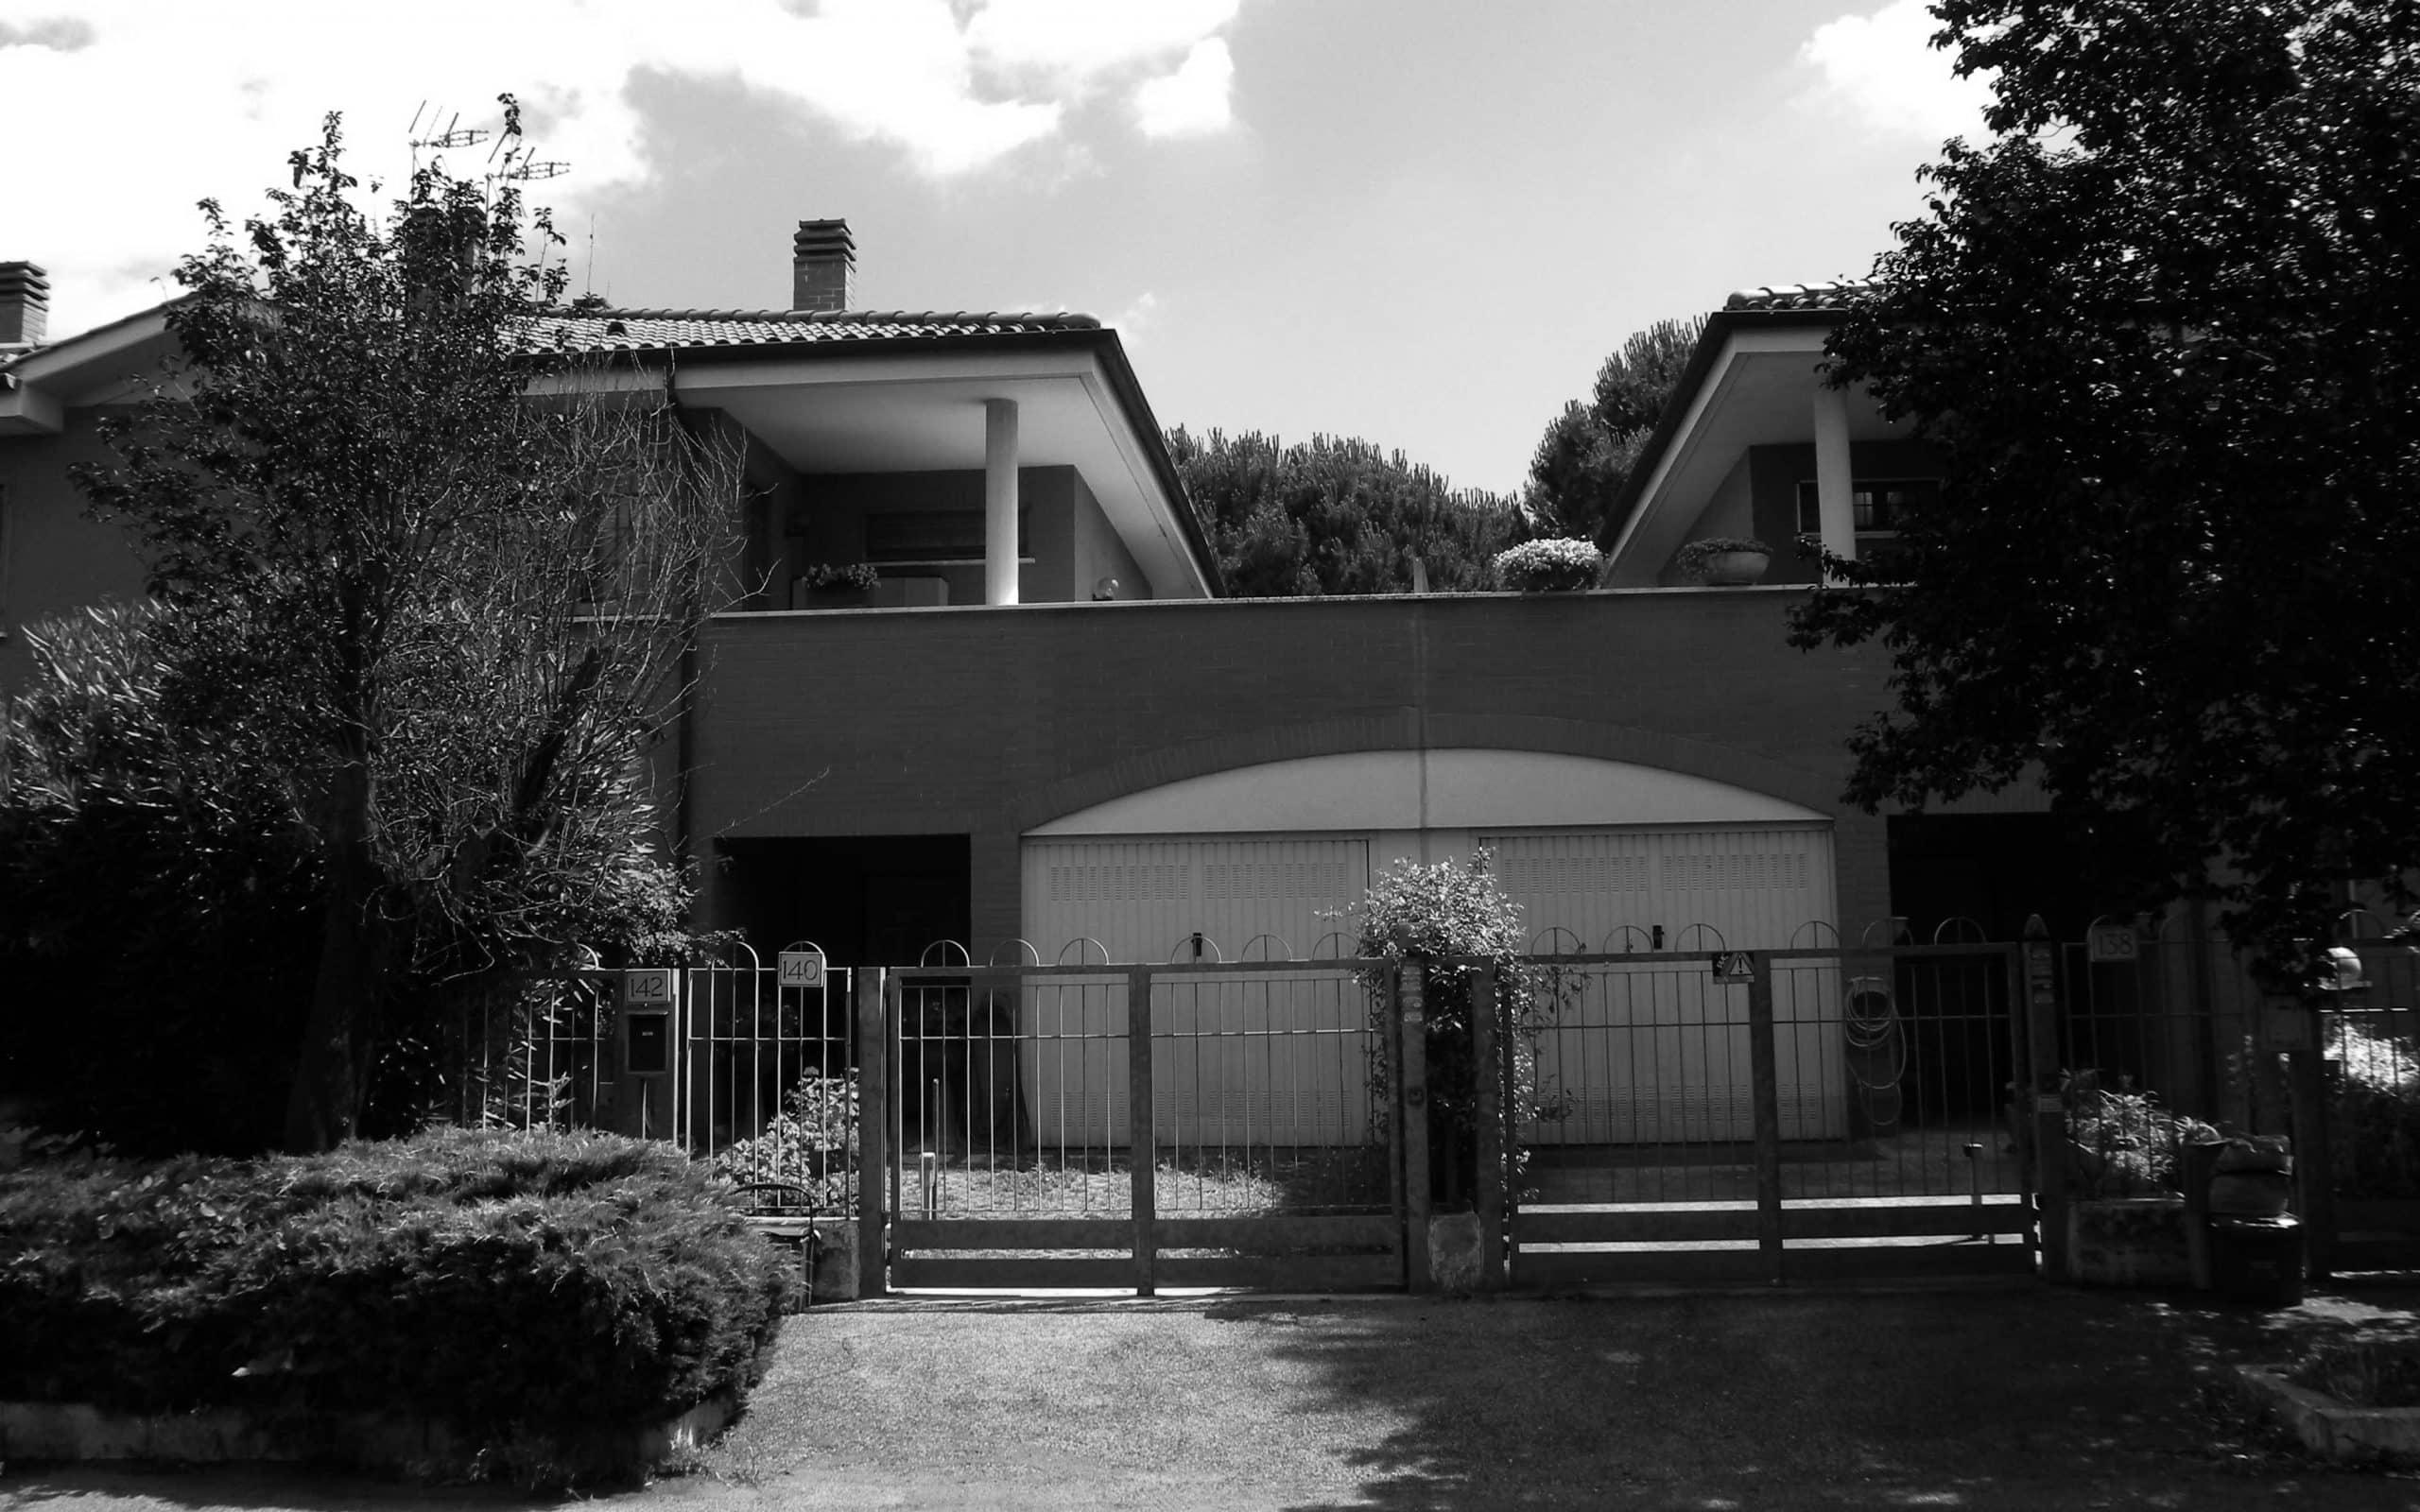 17 - Complesso residenziale di 21 villini a schiera nel PdZ Tor Bella Monaca, Roma - Vista esterna